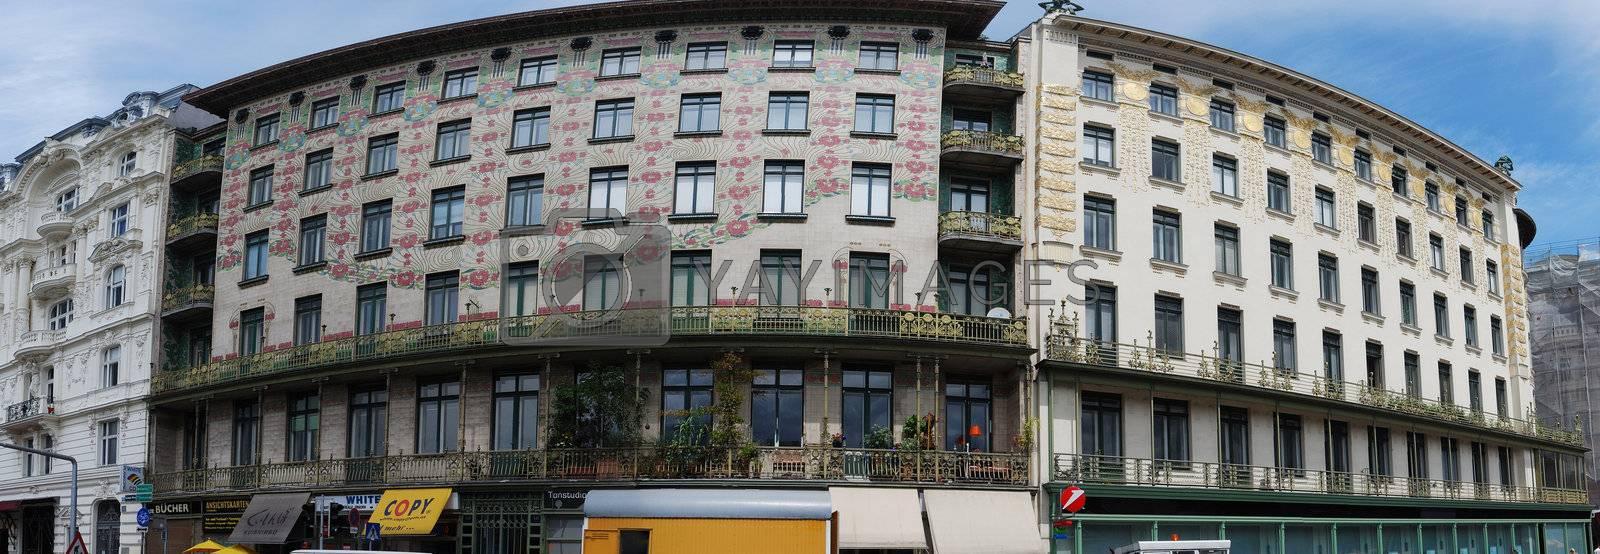 beautiful row houses decorated vienna panorama vienna Austria